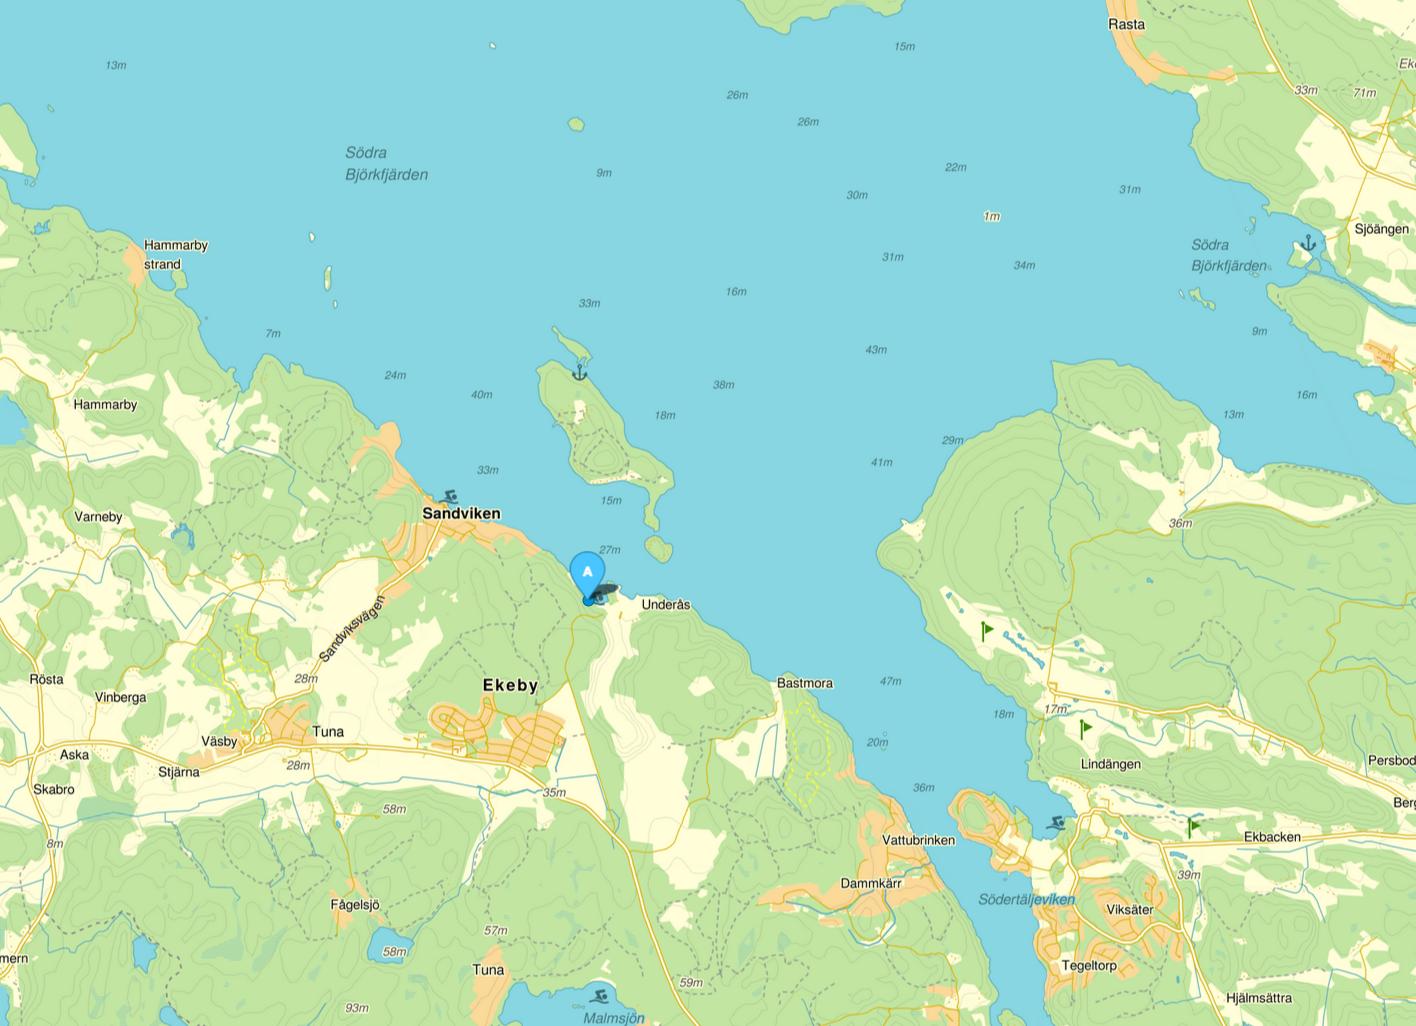 Kartbild - Eniro